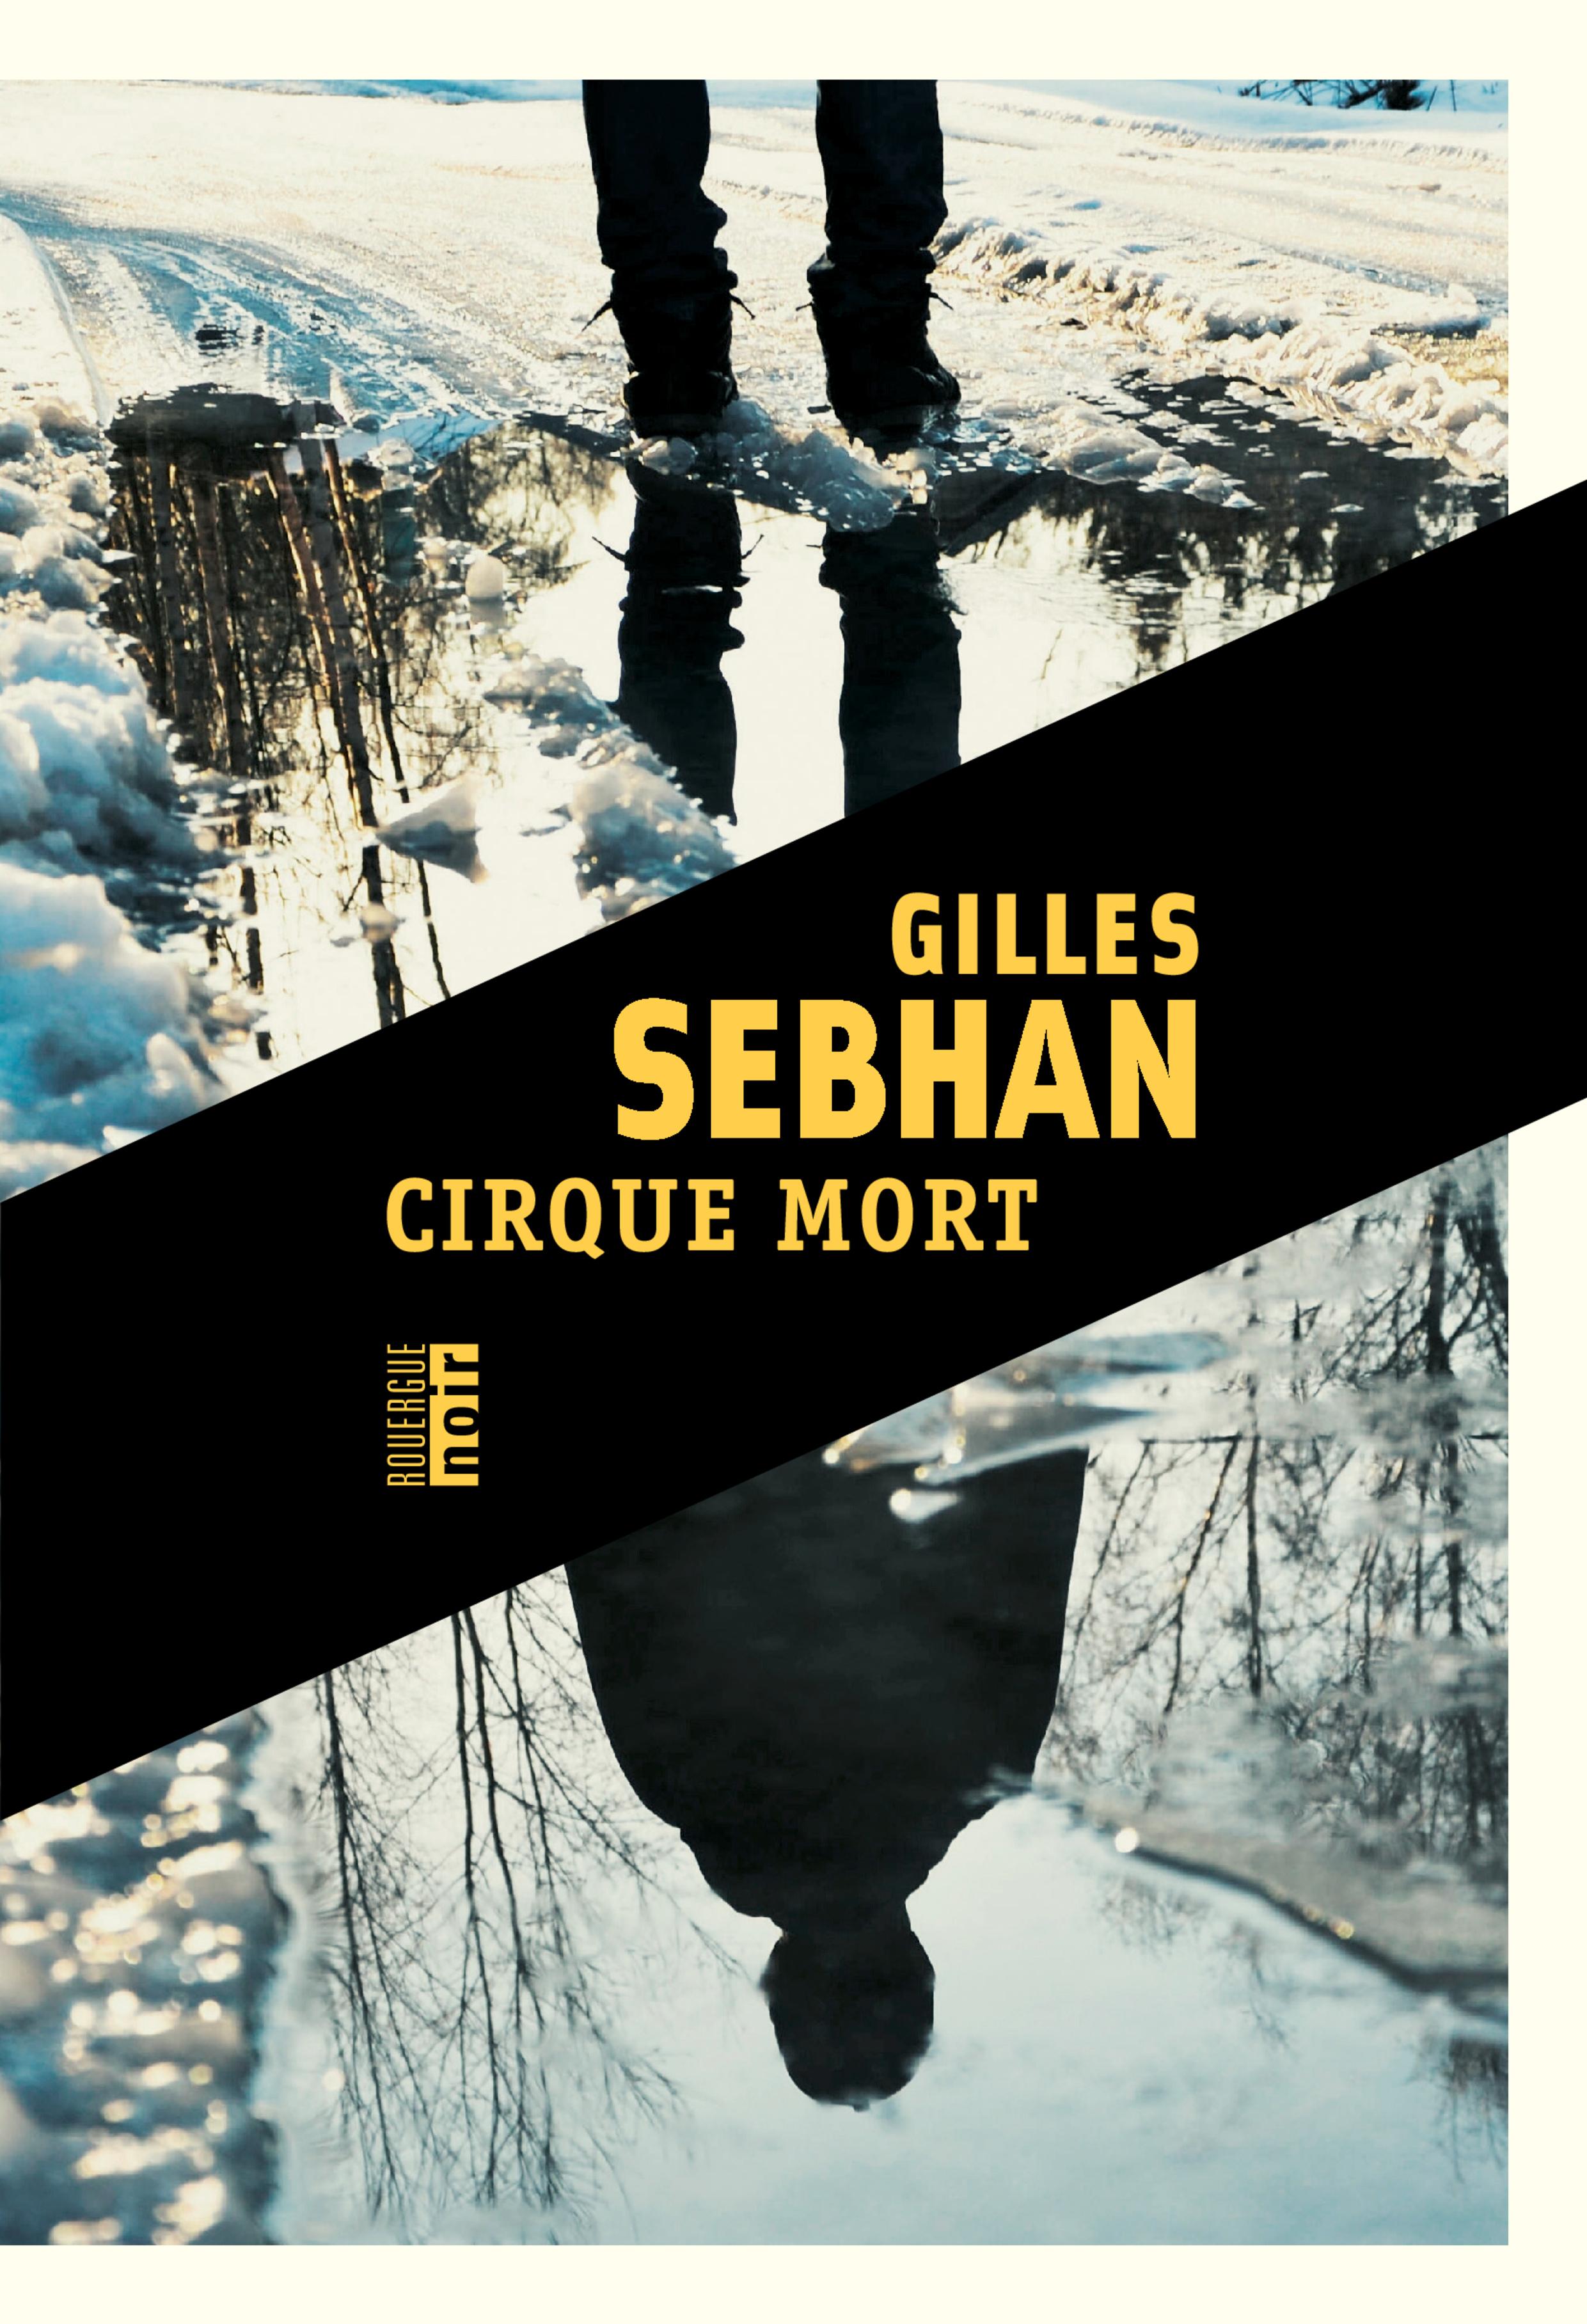 Cirque mort